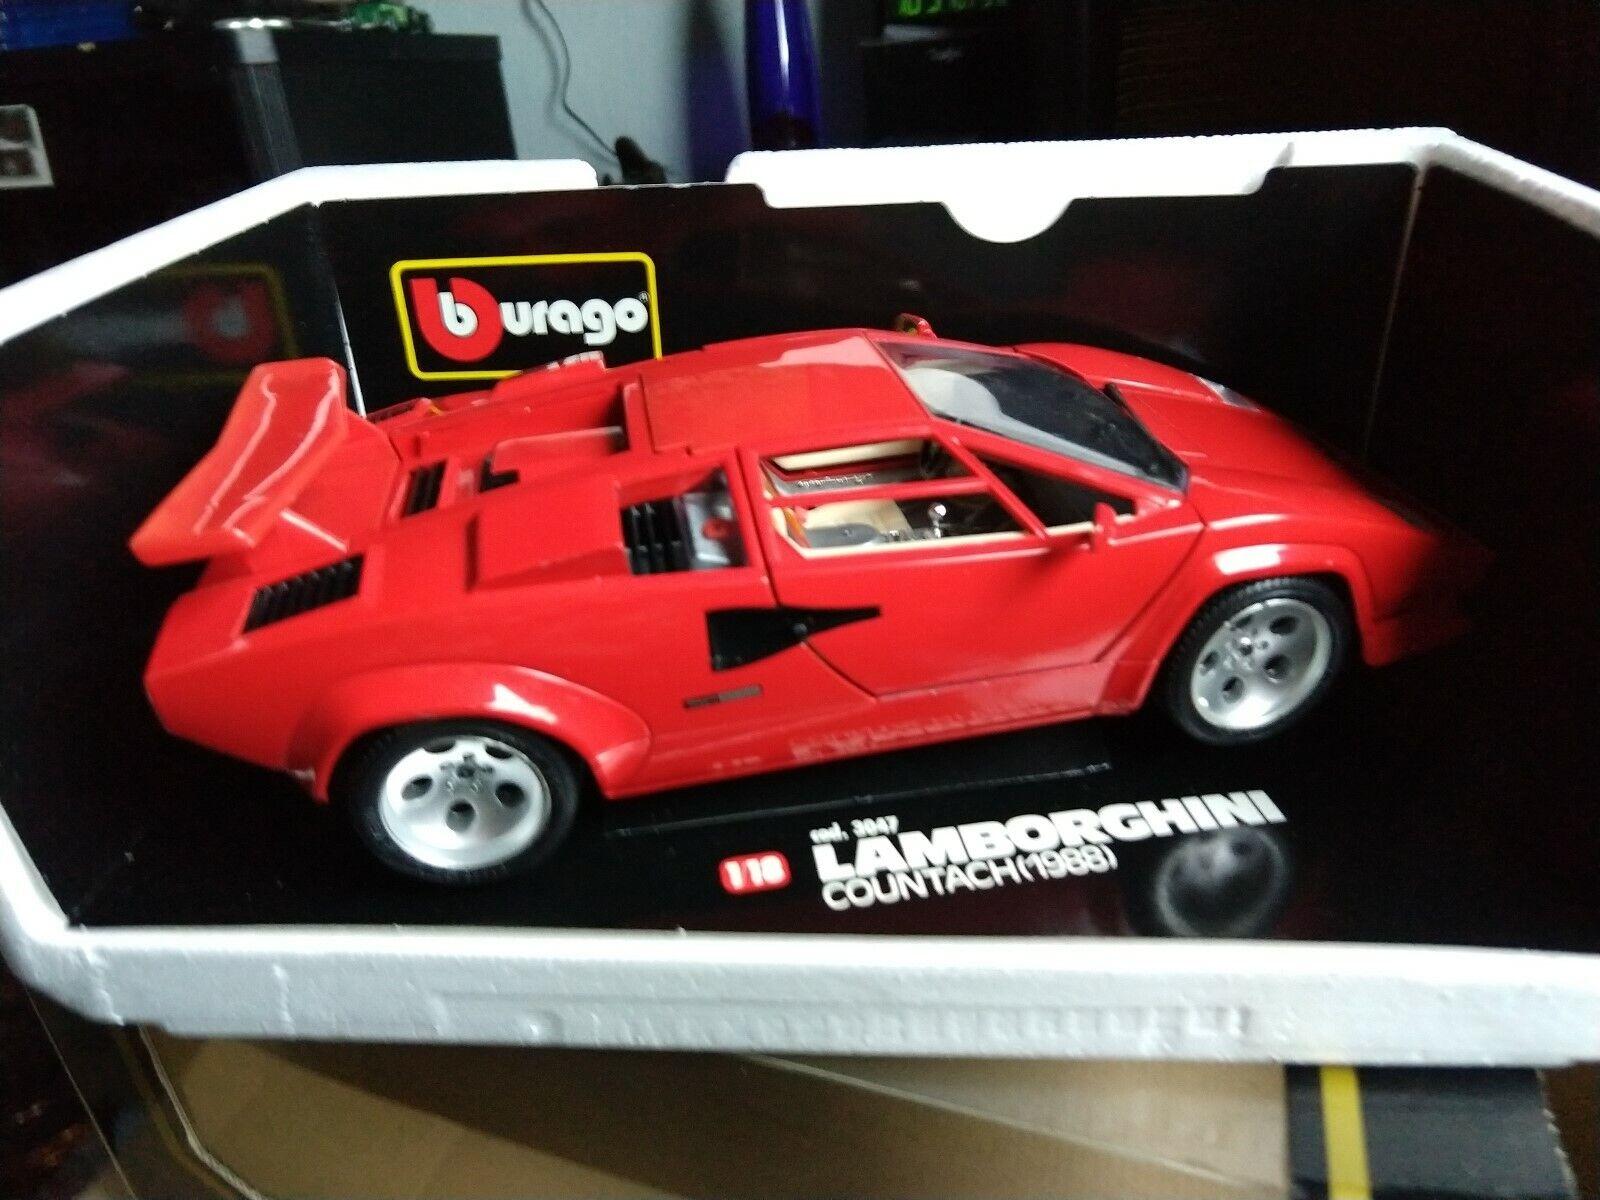 1 18 MODELLAUTO Metal burago Lamborghini Countach 1988 3047 rot